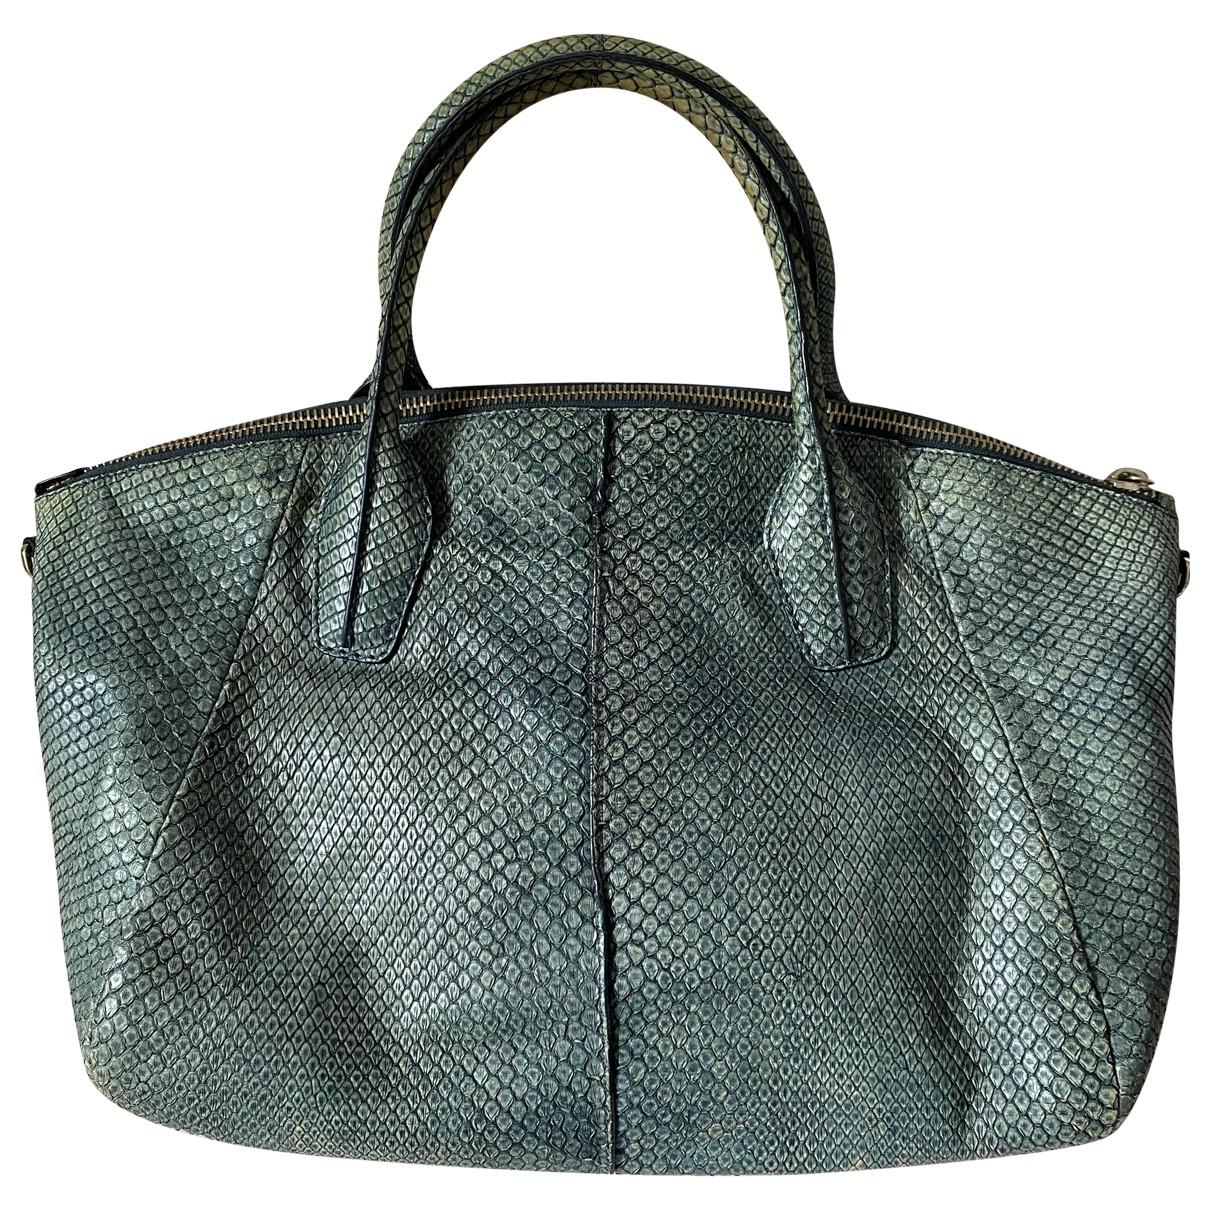 Tods \N Green Python handbag for Women \N